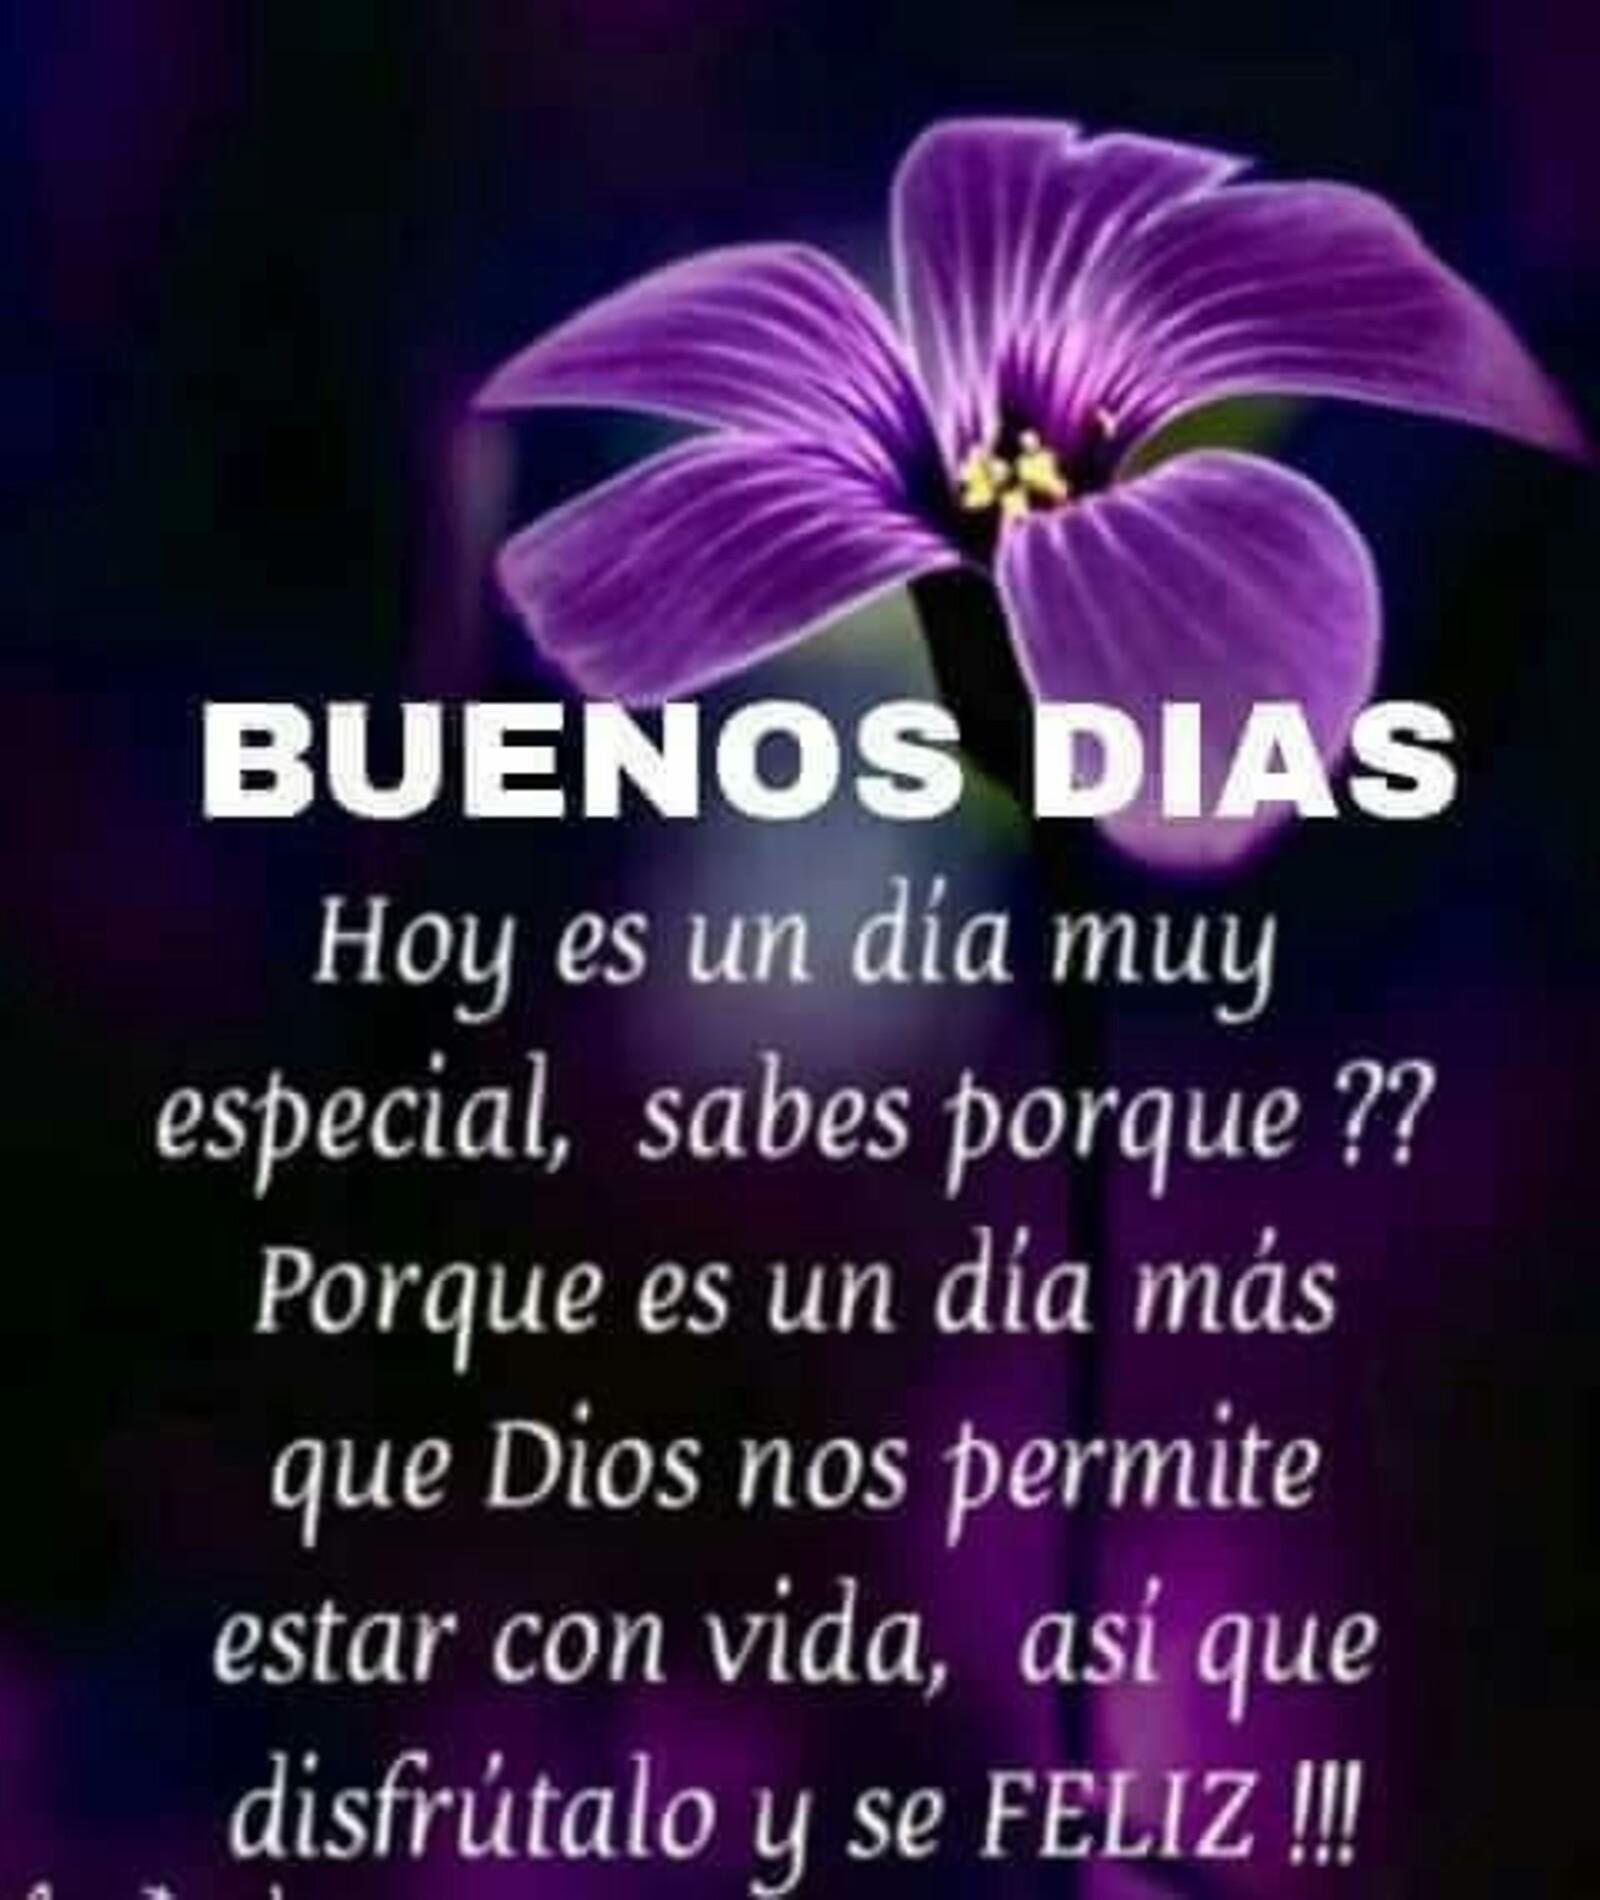 Buenos días hoy es un día muy especial, sabes porque?? Porque es un día más que Dios nos permite estar con vida, así que disfrutalo y se feliz!!!